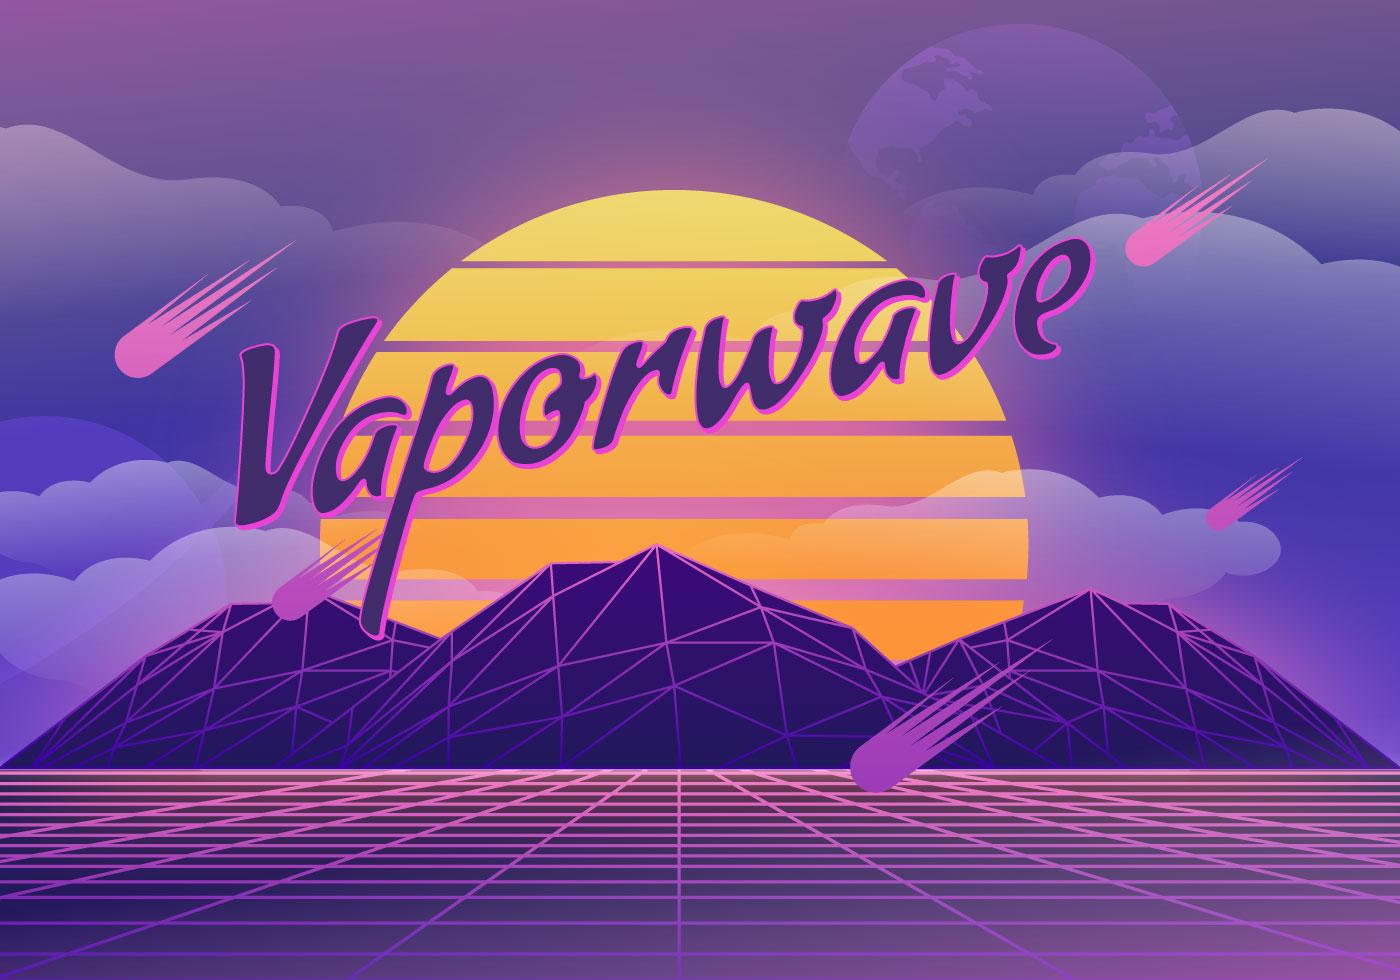 Vaporwave Background Illustration - Download Free Vectors ...